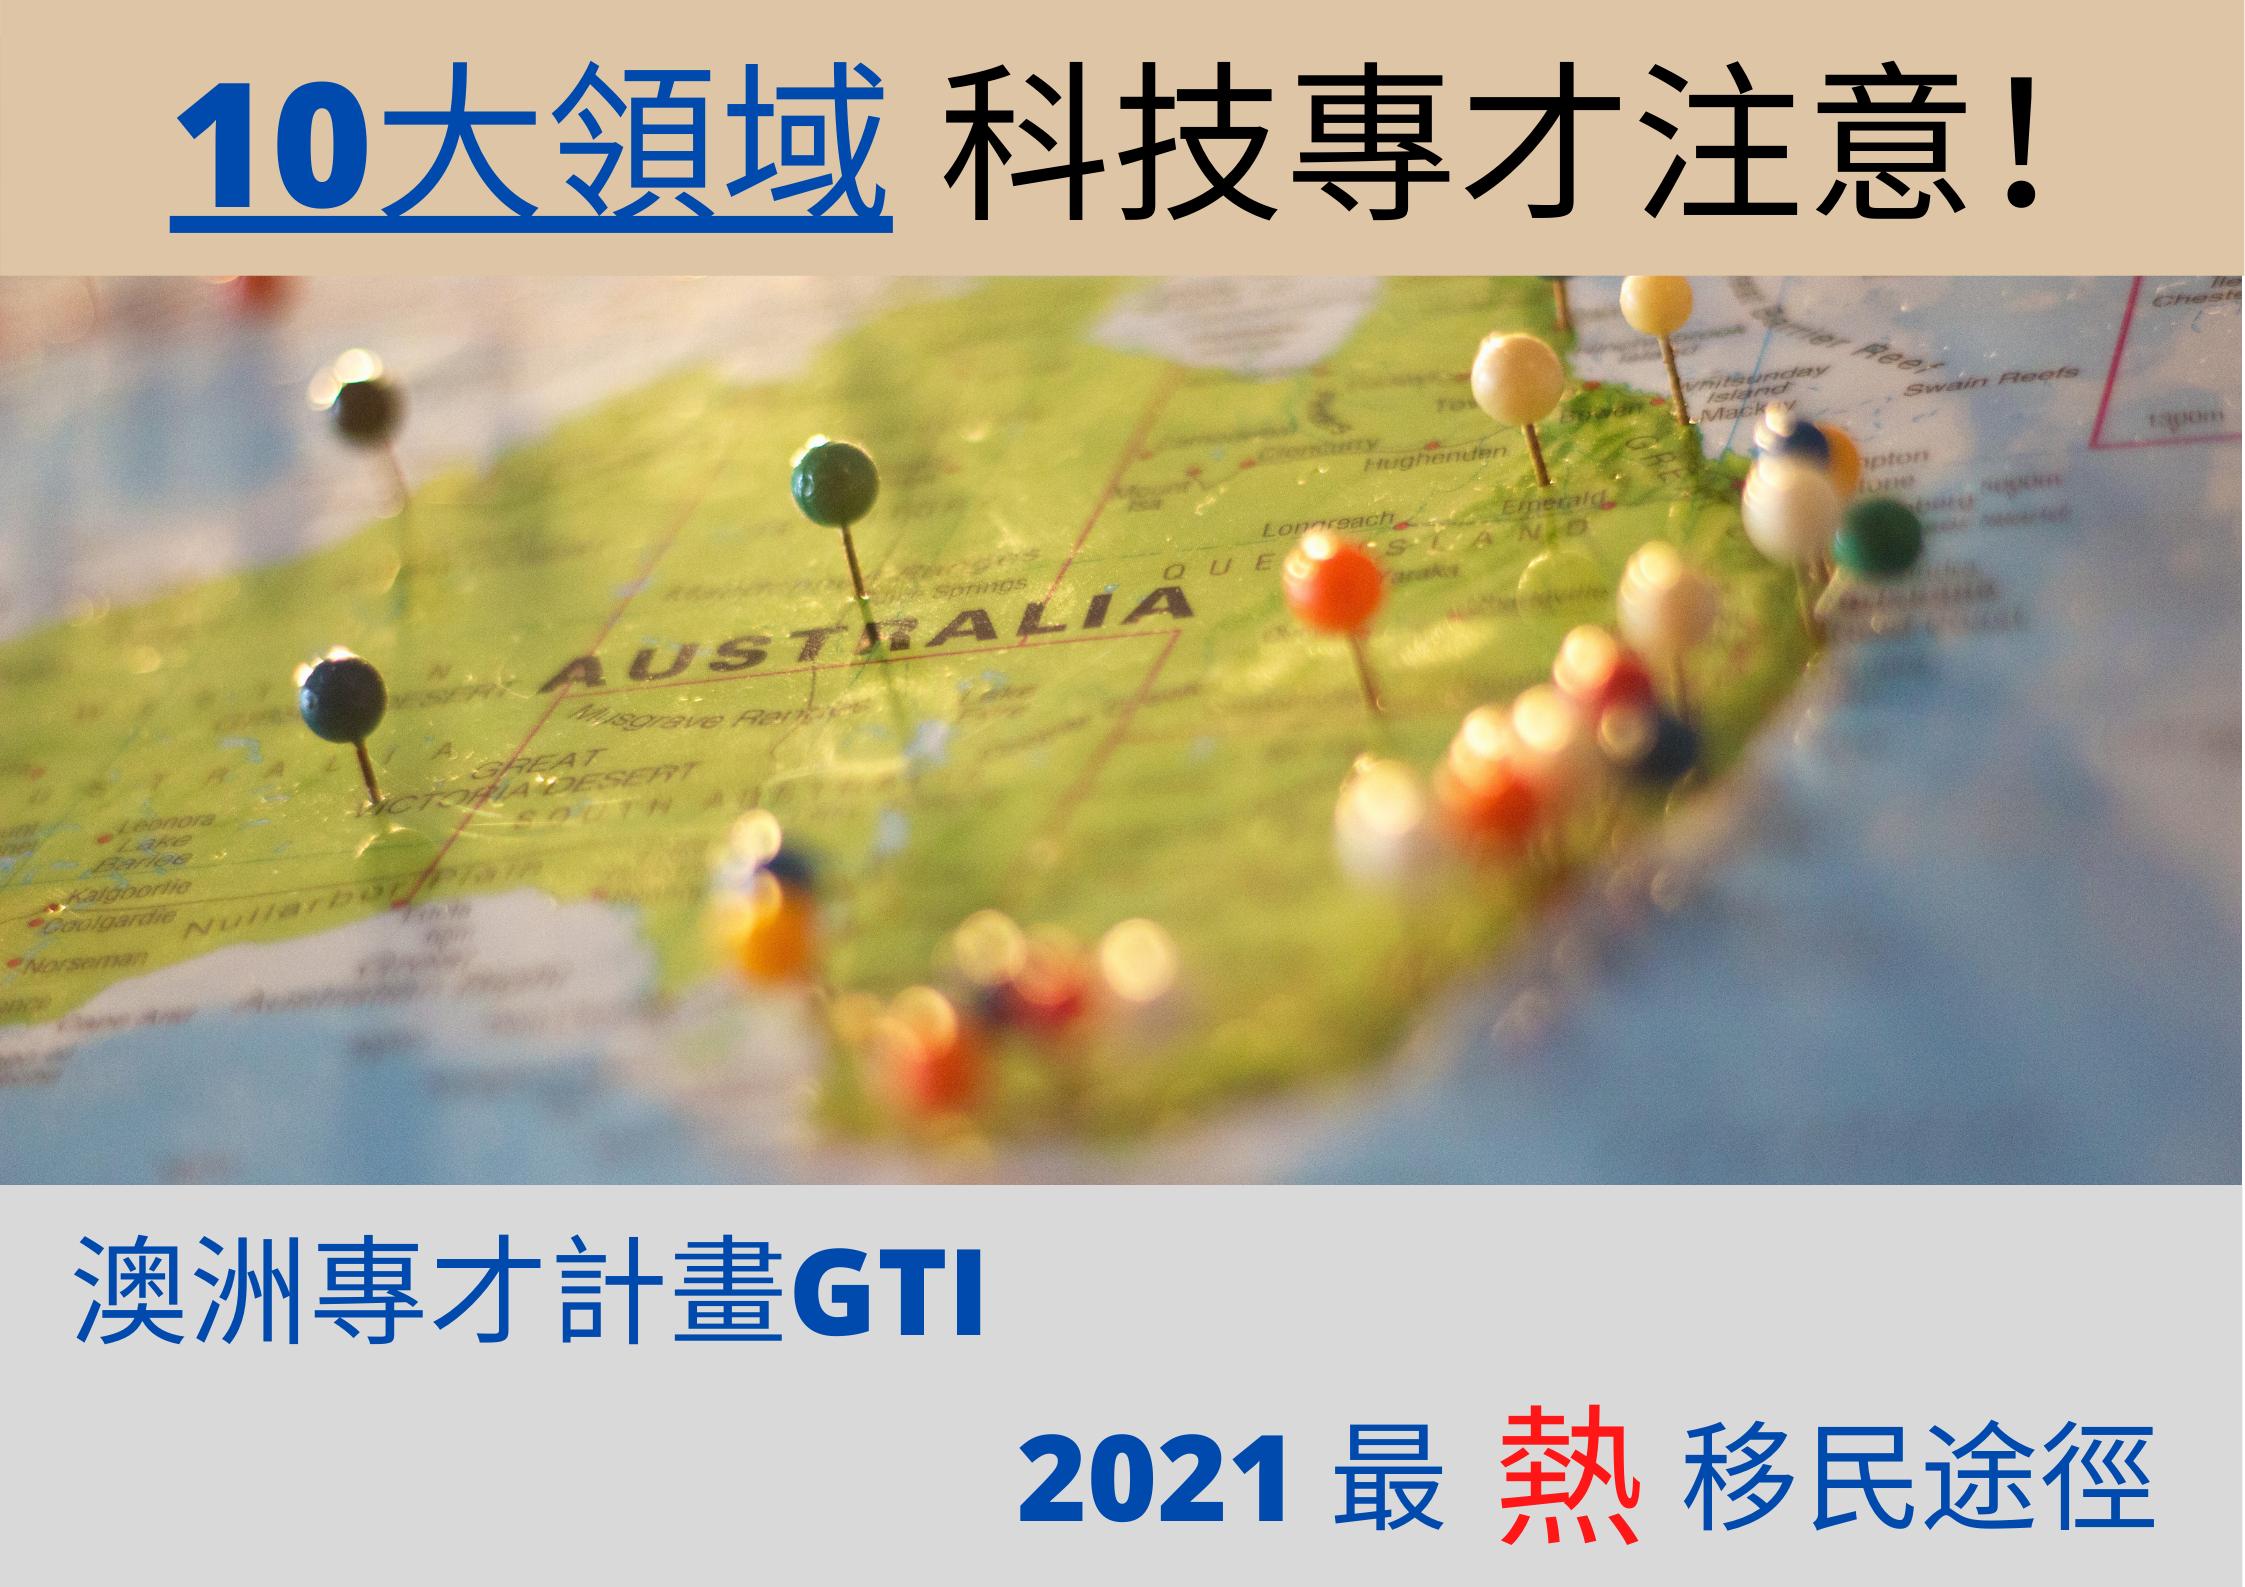 2021最熱澳洲移民專案,GTI專才移民計畫